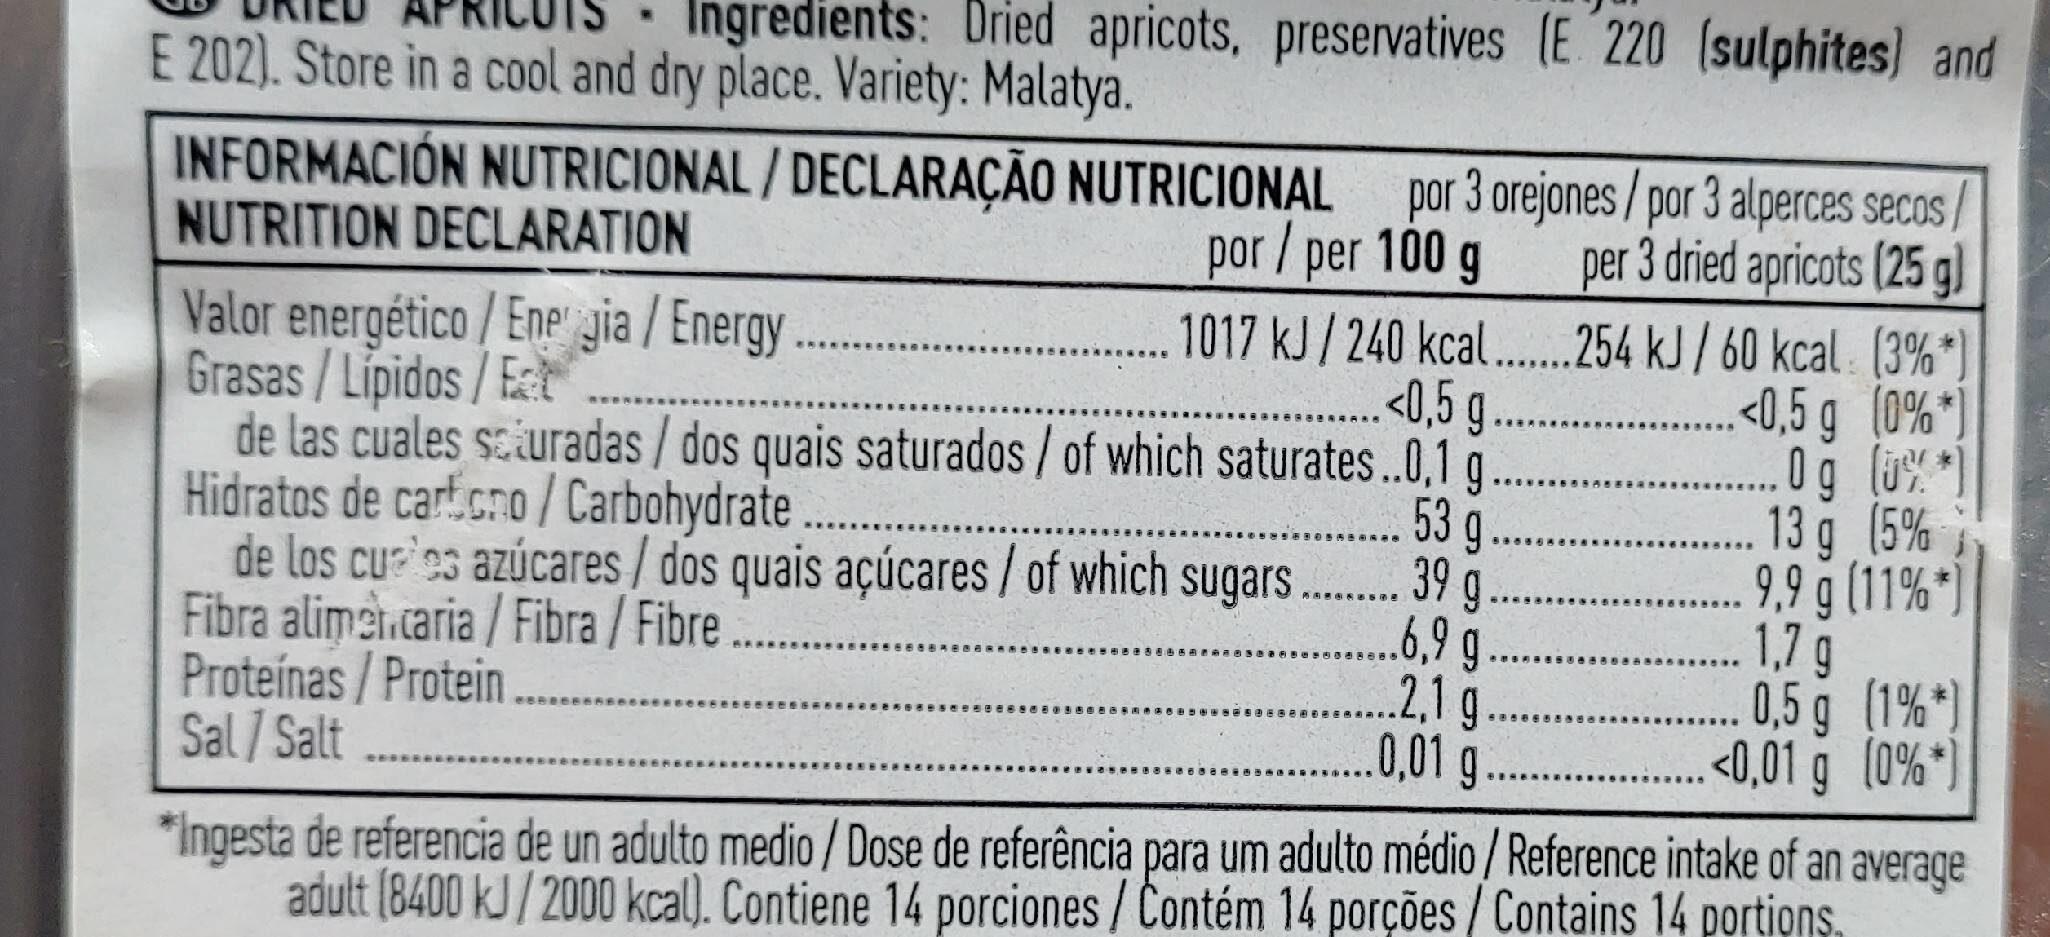 Orejones de albaricoque - Información nutricional